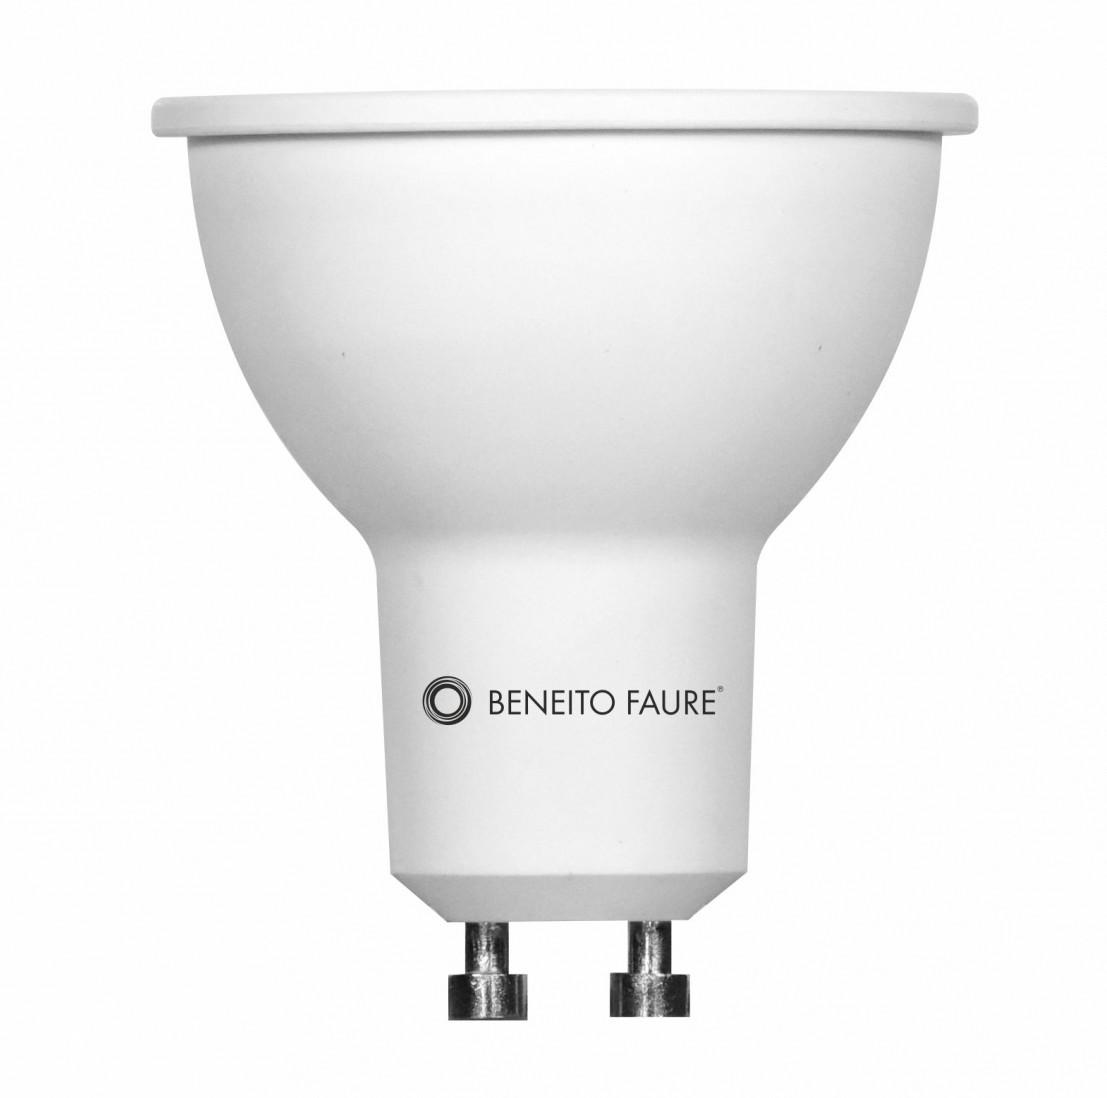 Ampoule Led GU10 Beneito et Faure 3,5W Blanc Chaud 3000K